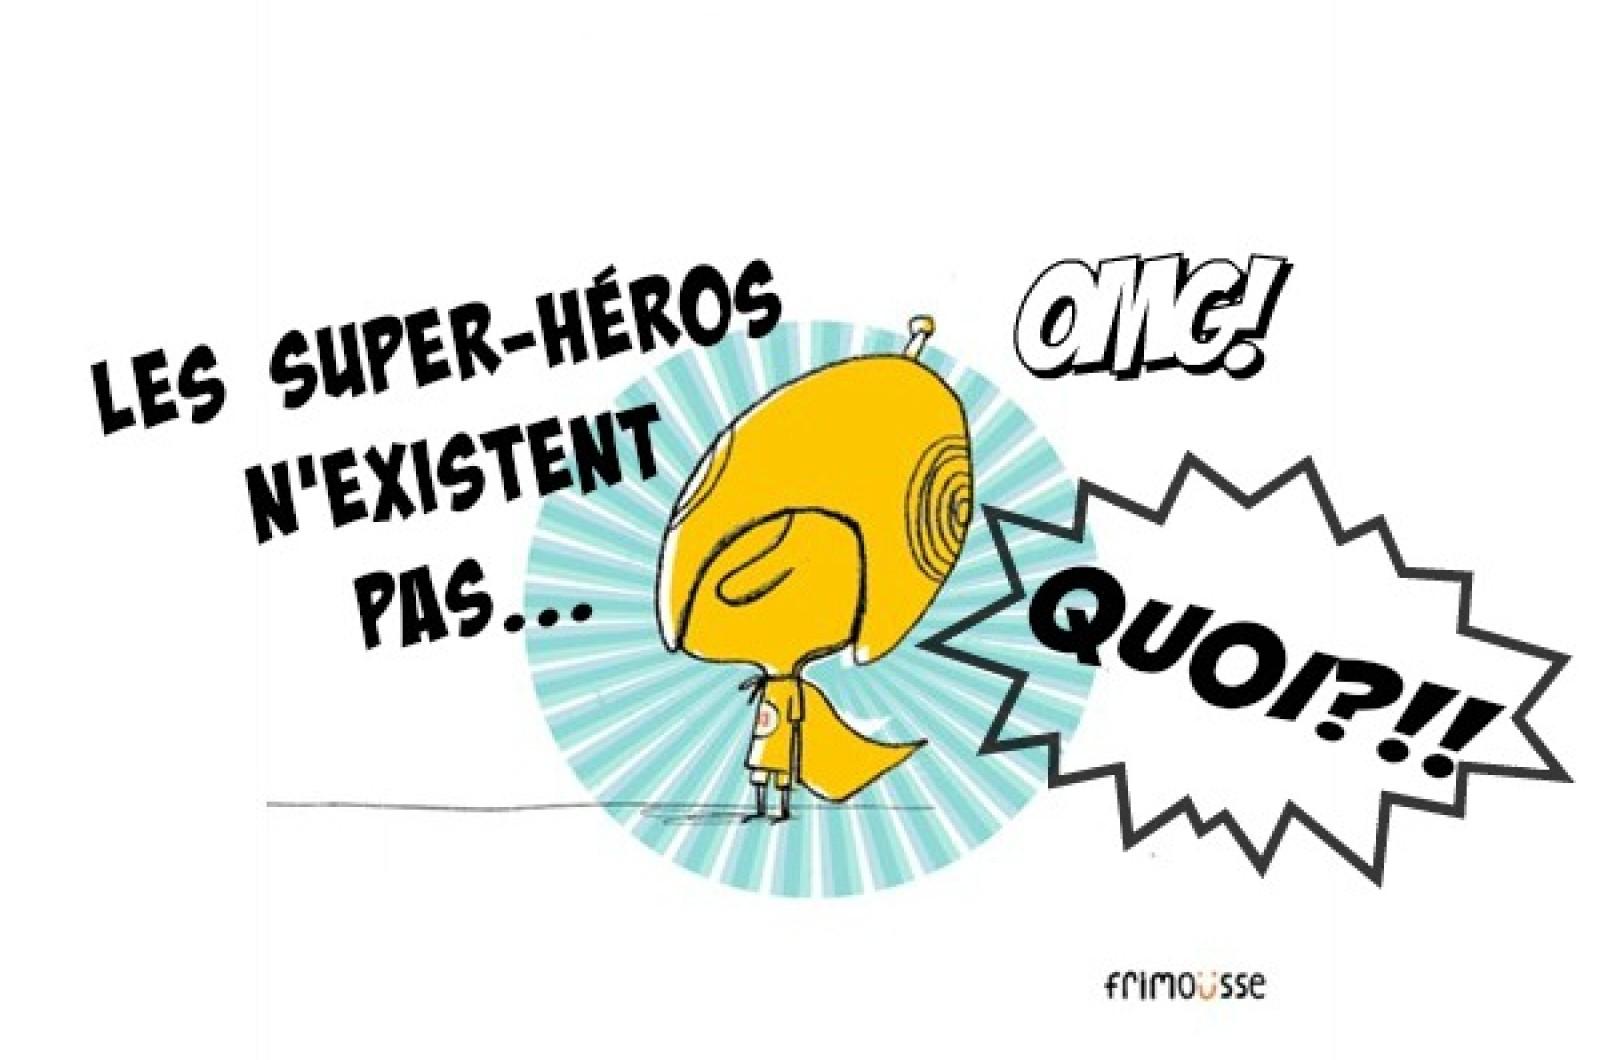 Les super-héros n'existent pas… QUOI?!